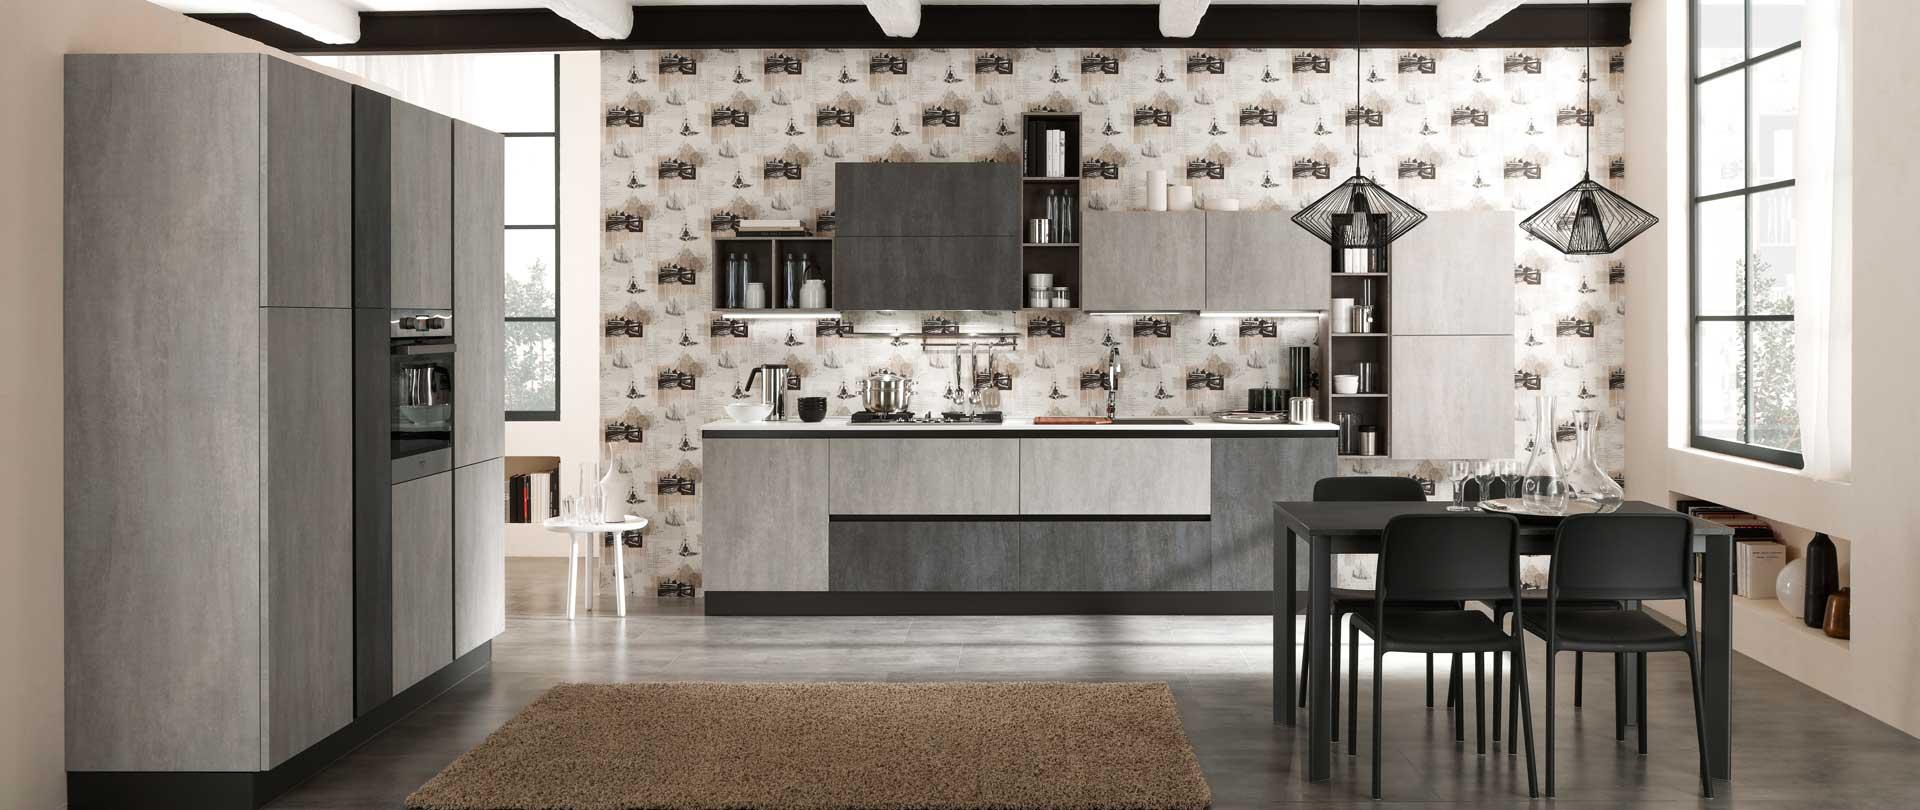 Cucina Mobilturi Zen € 2.350 | Tutto Mobili, arredamento camere ...